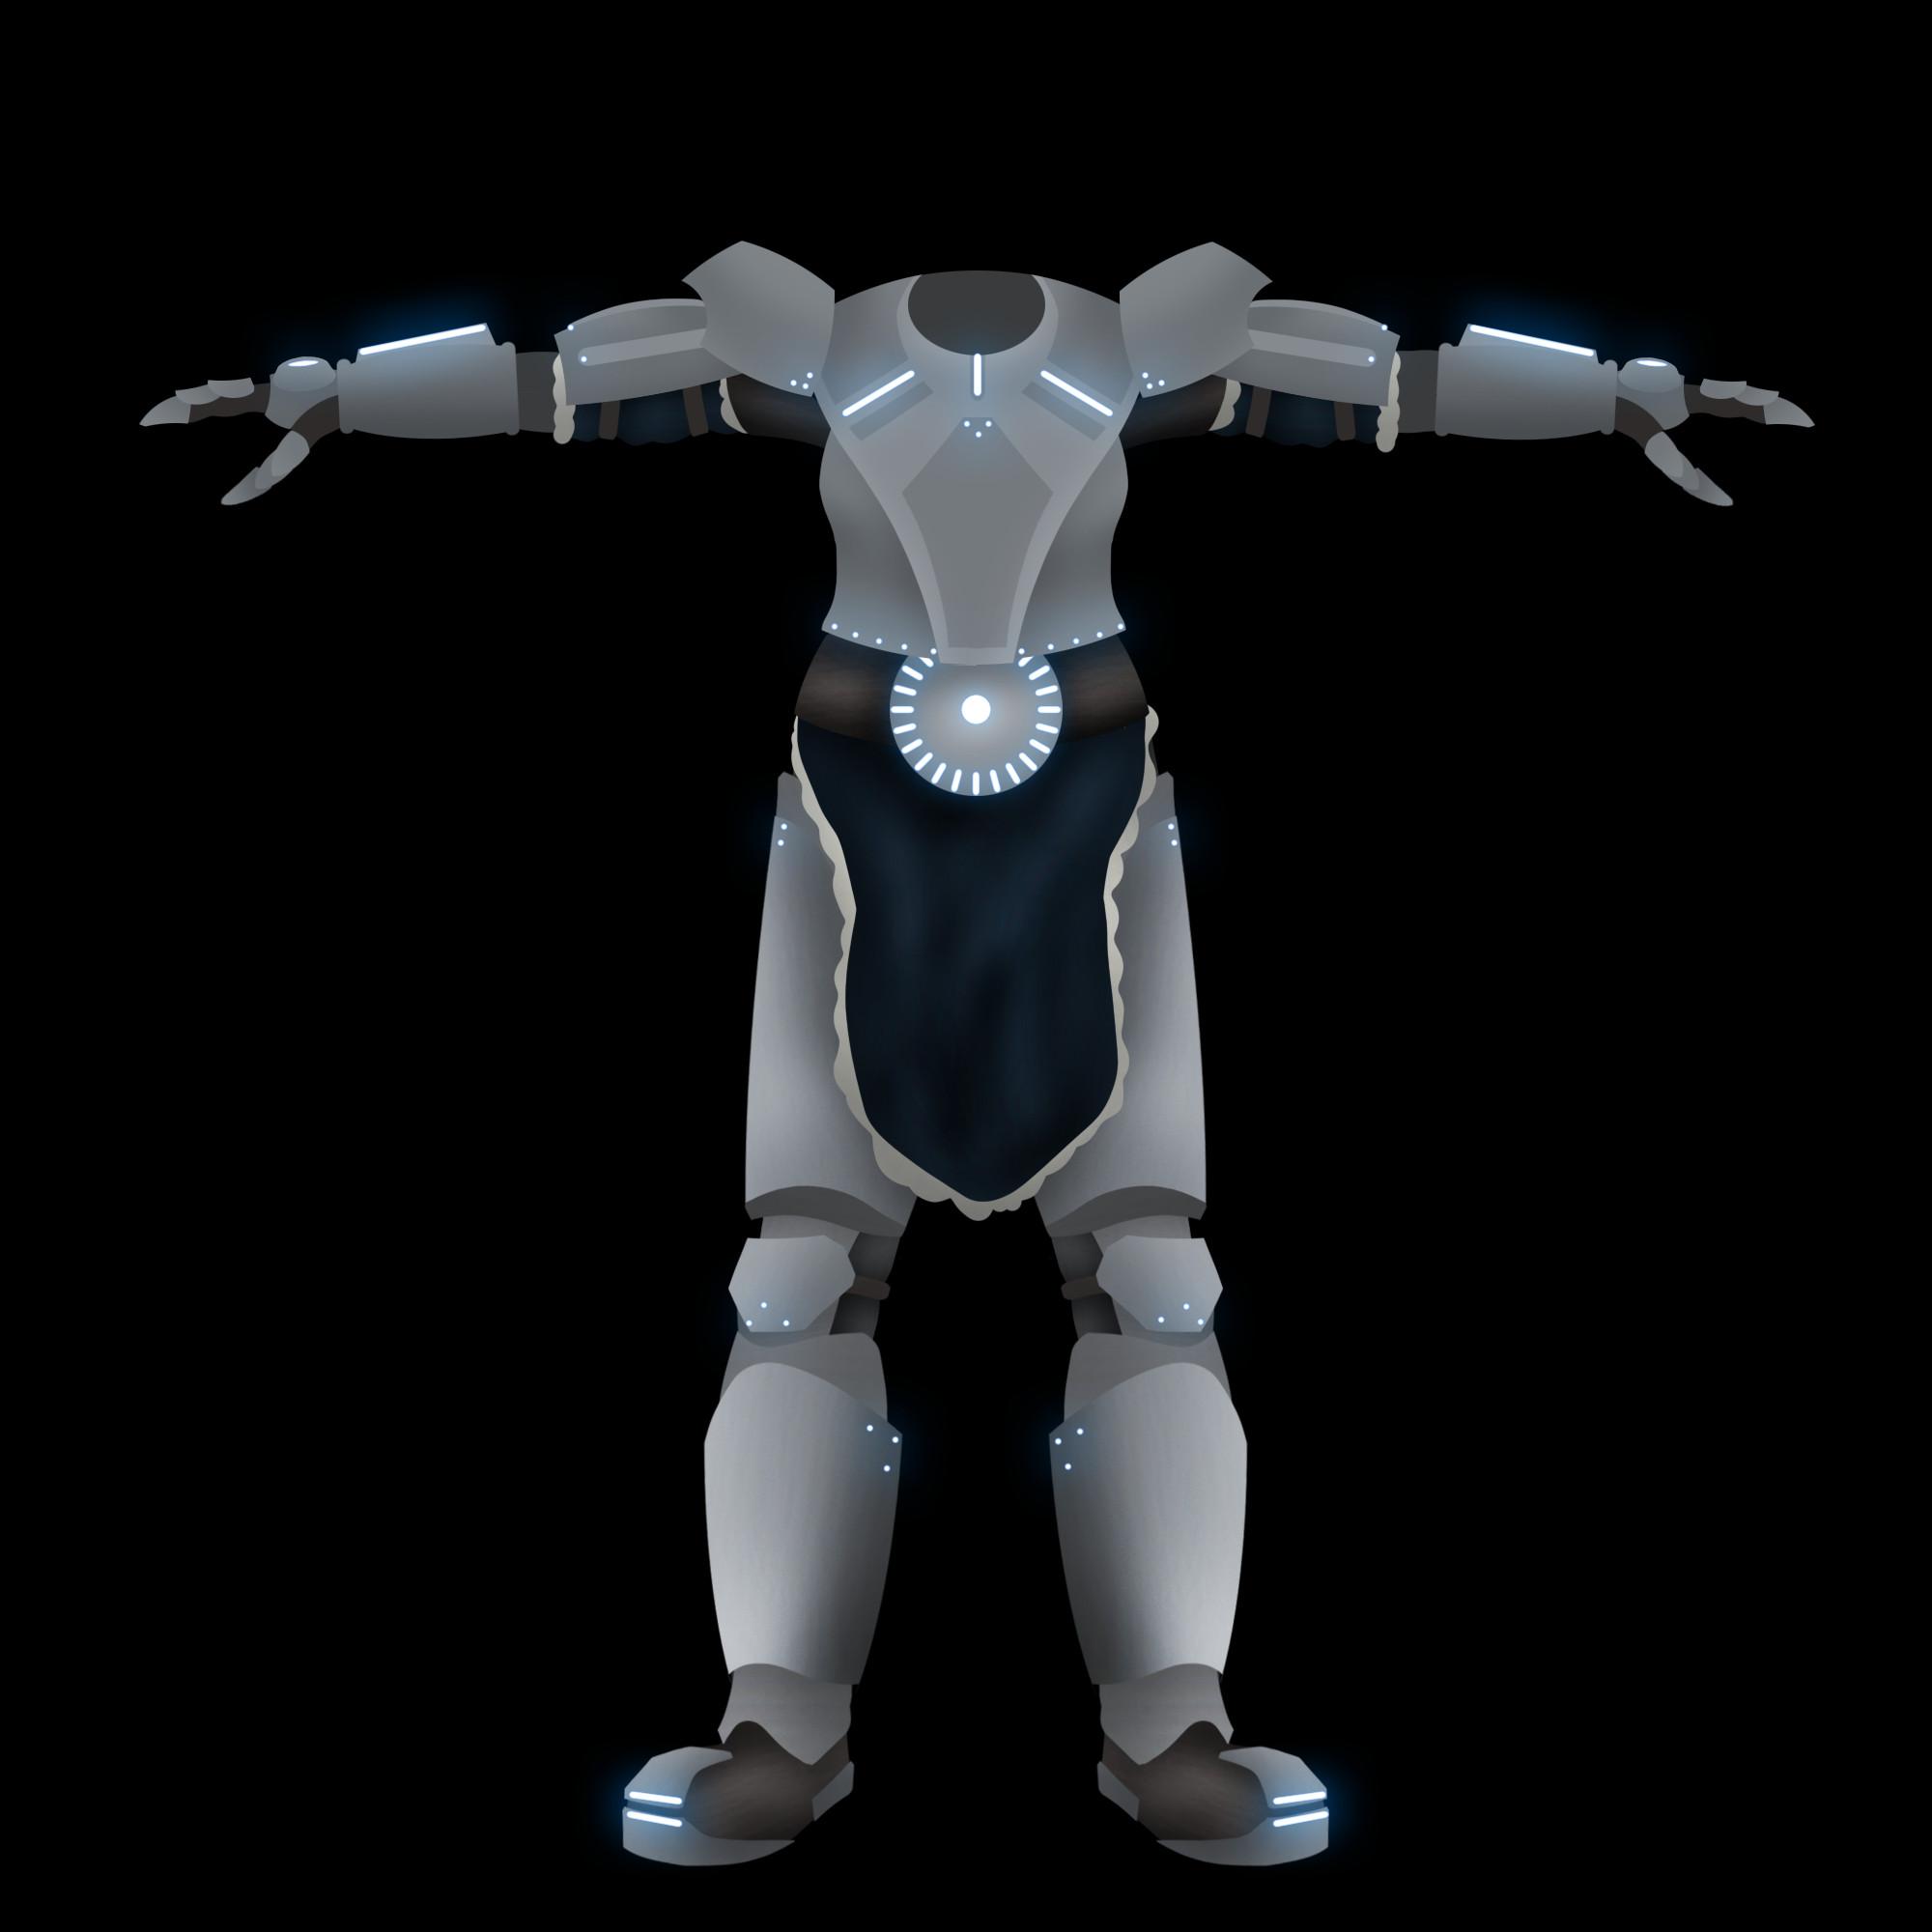 Final Armor Concept